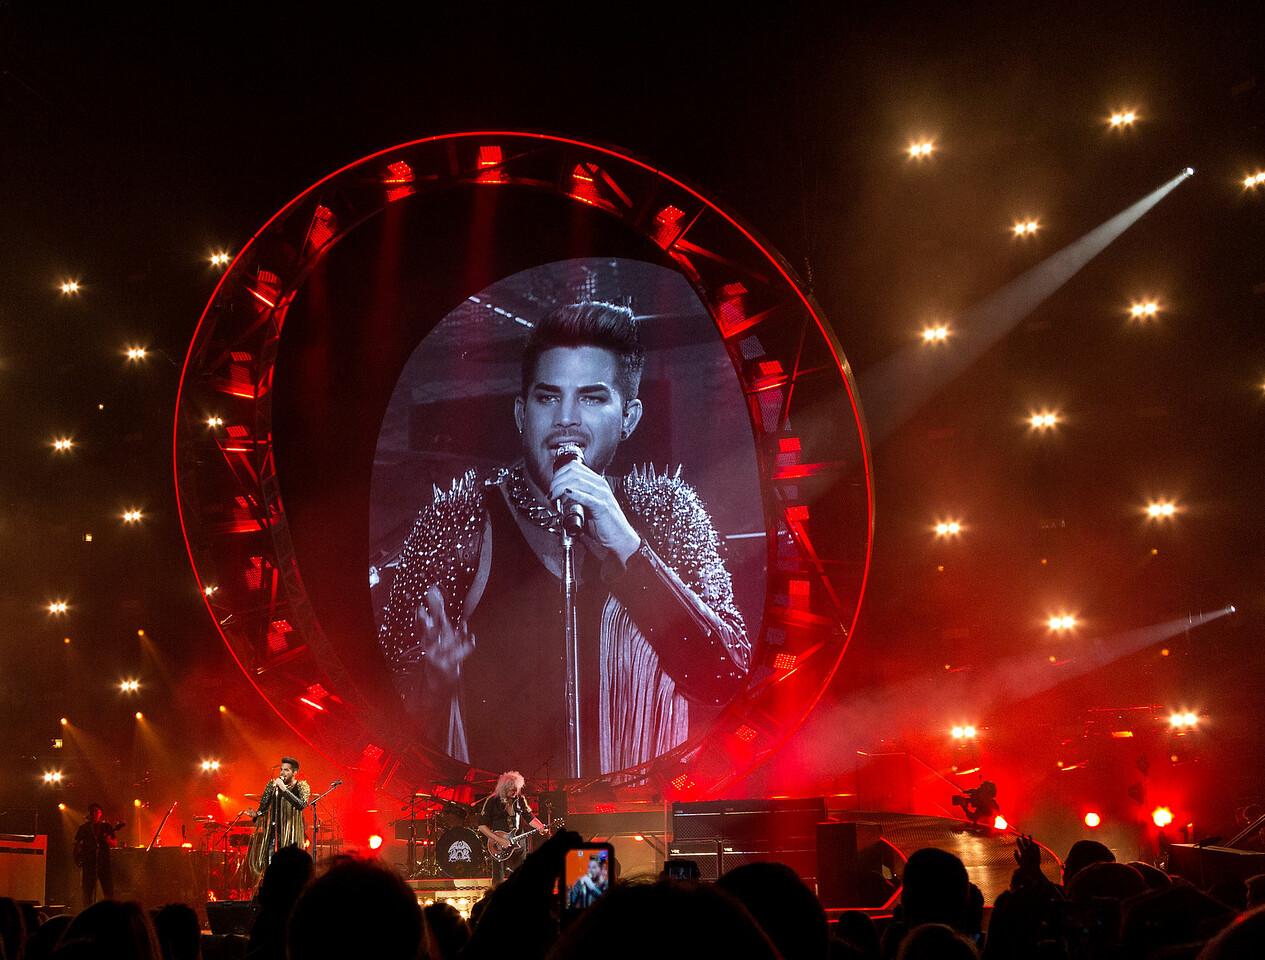 Queen + Adam Lambert, United Center, Chicago, Illinois, June 19, 2014